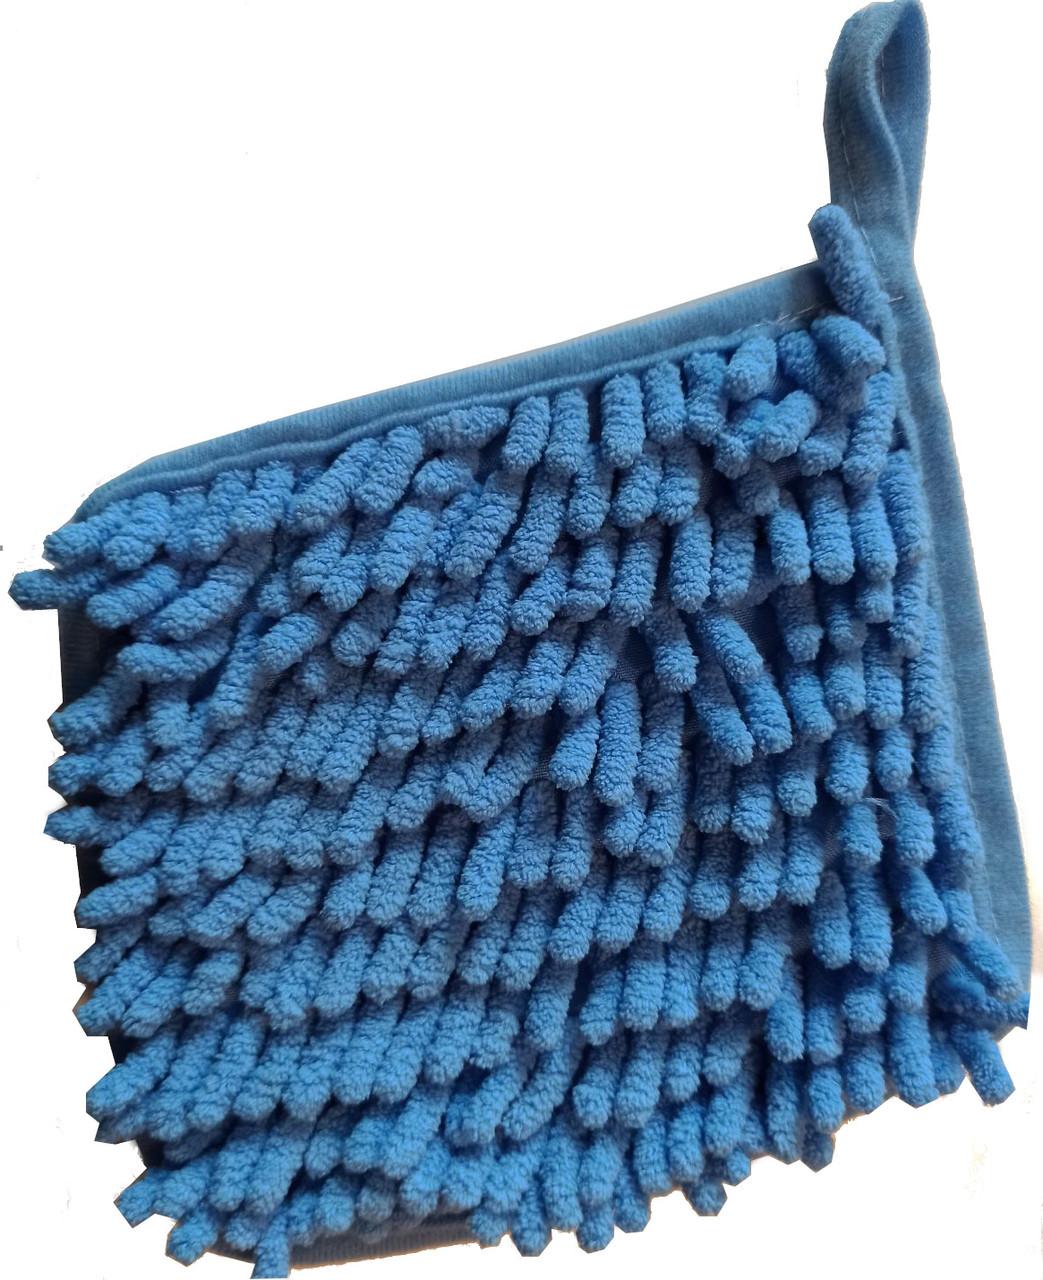 Мочалка из микрофибры для вытирания мела и маркера с доски или пленки